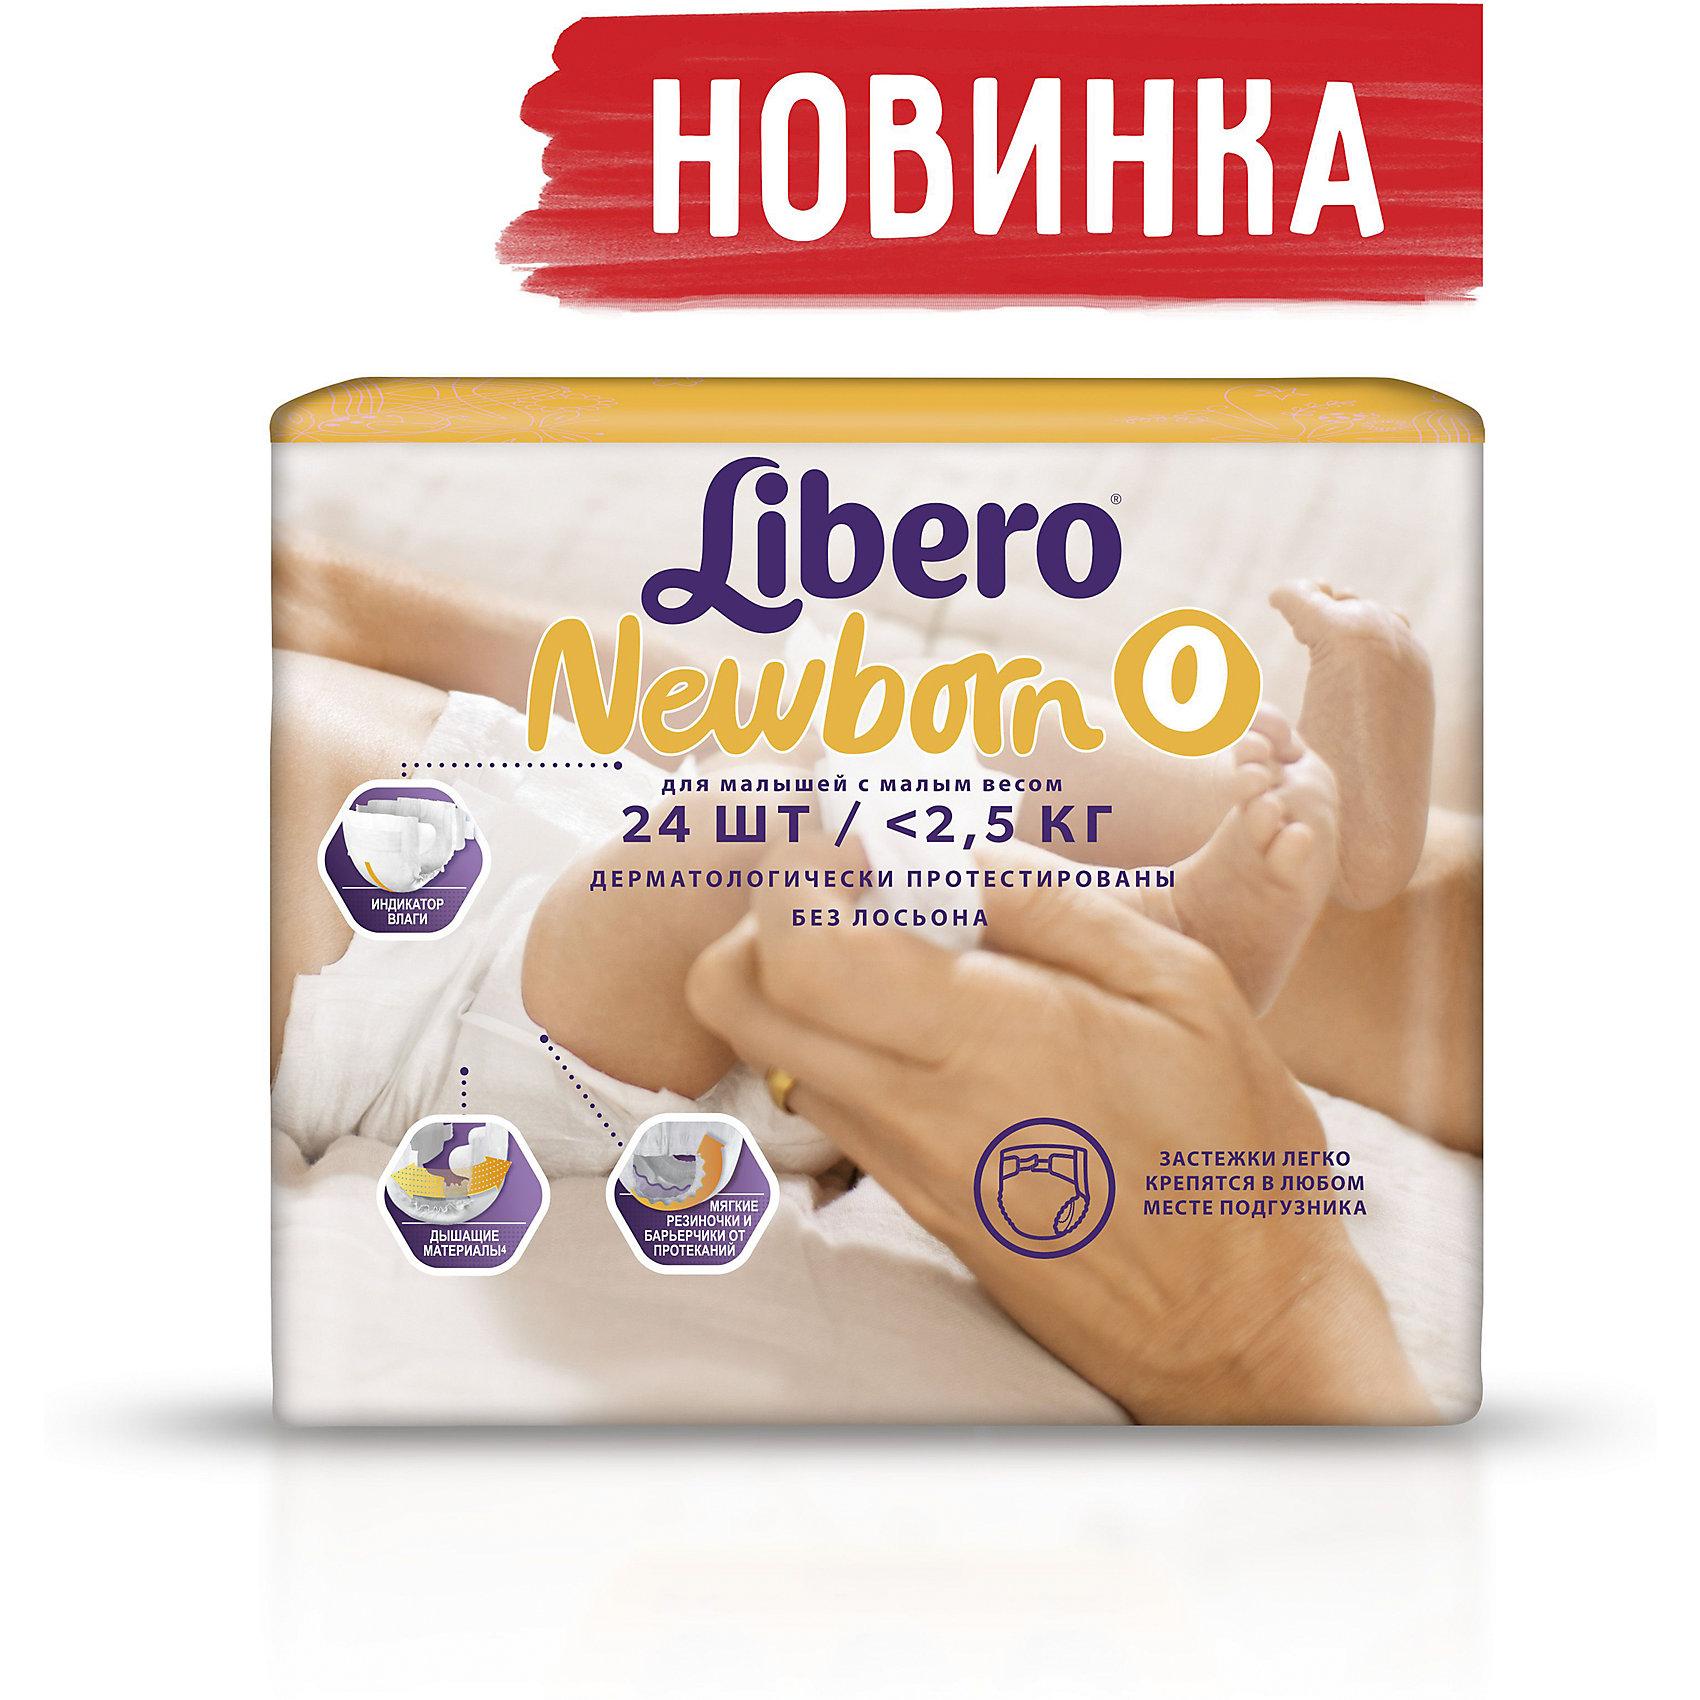 Подгузники Newborn до 2,5 кг (0), 24 шт., Libero